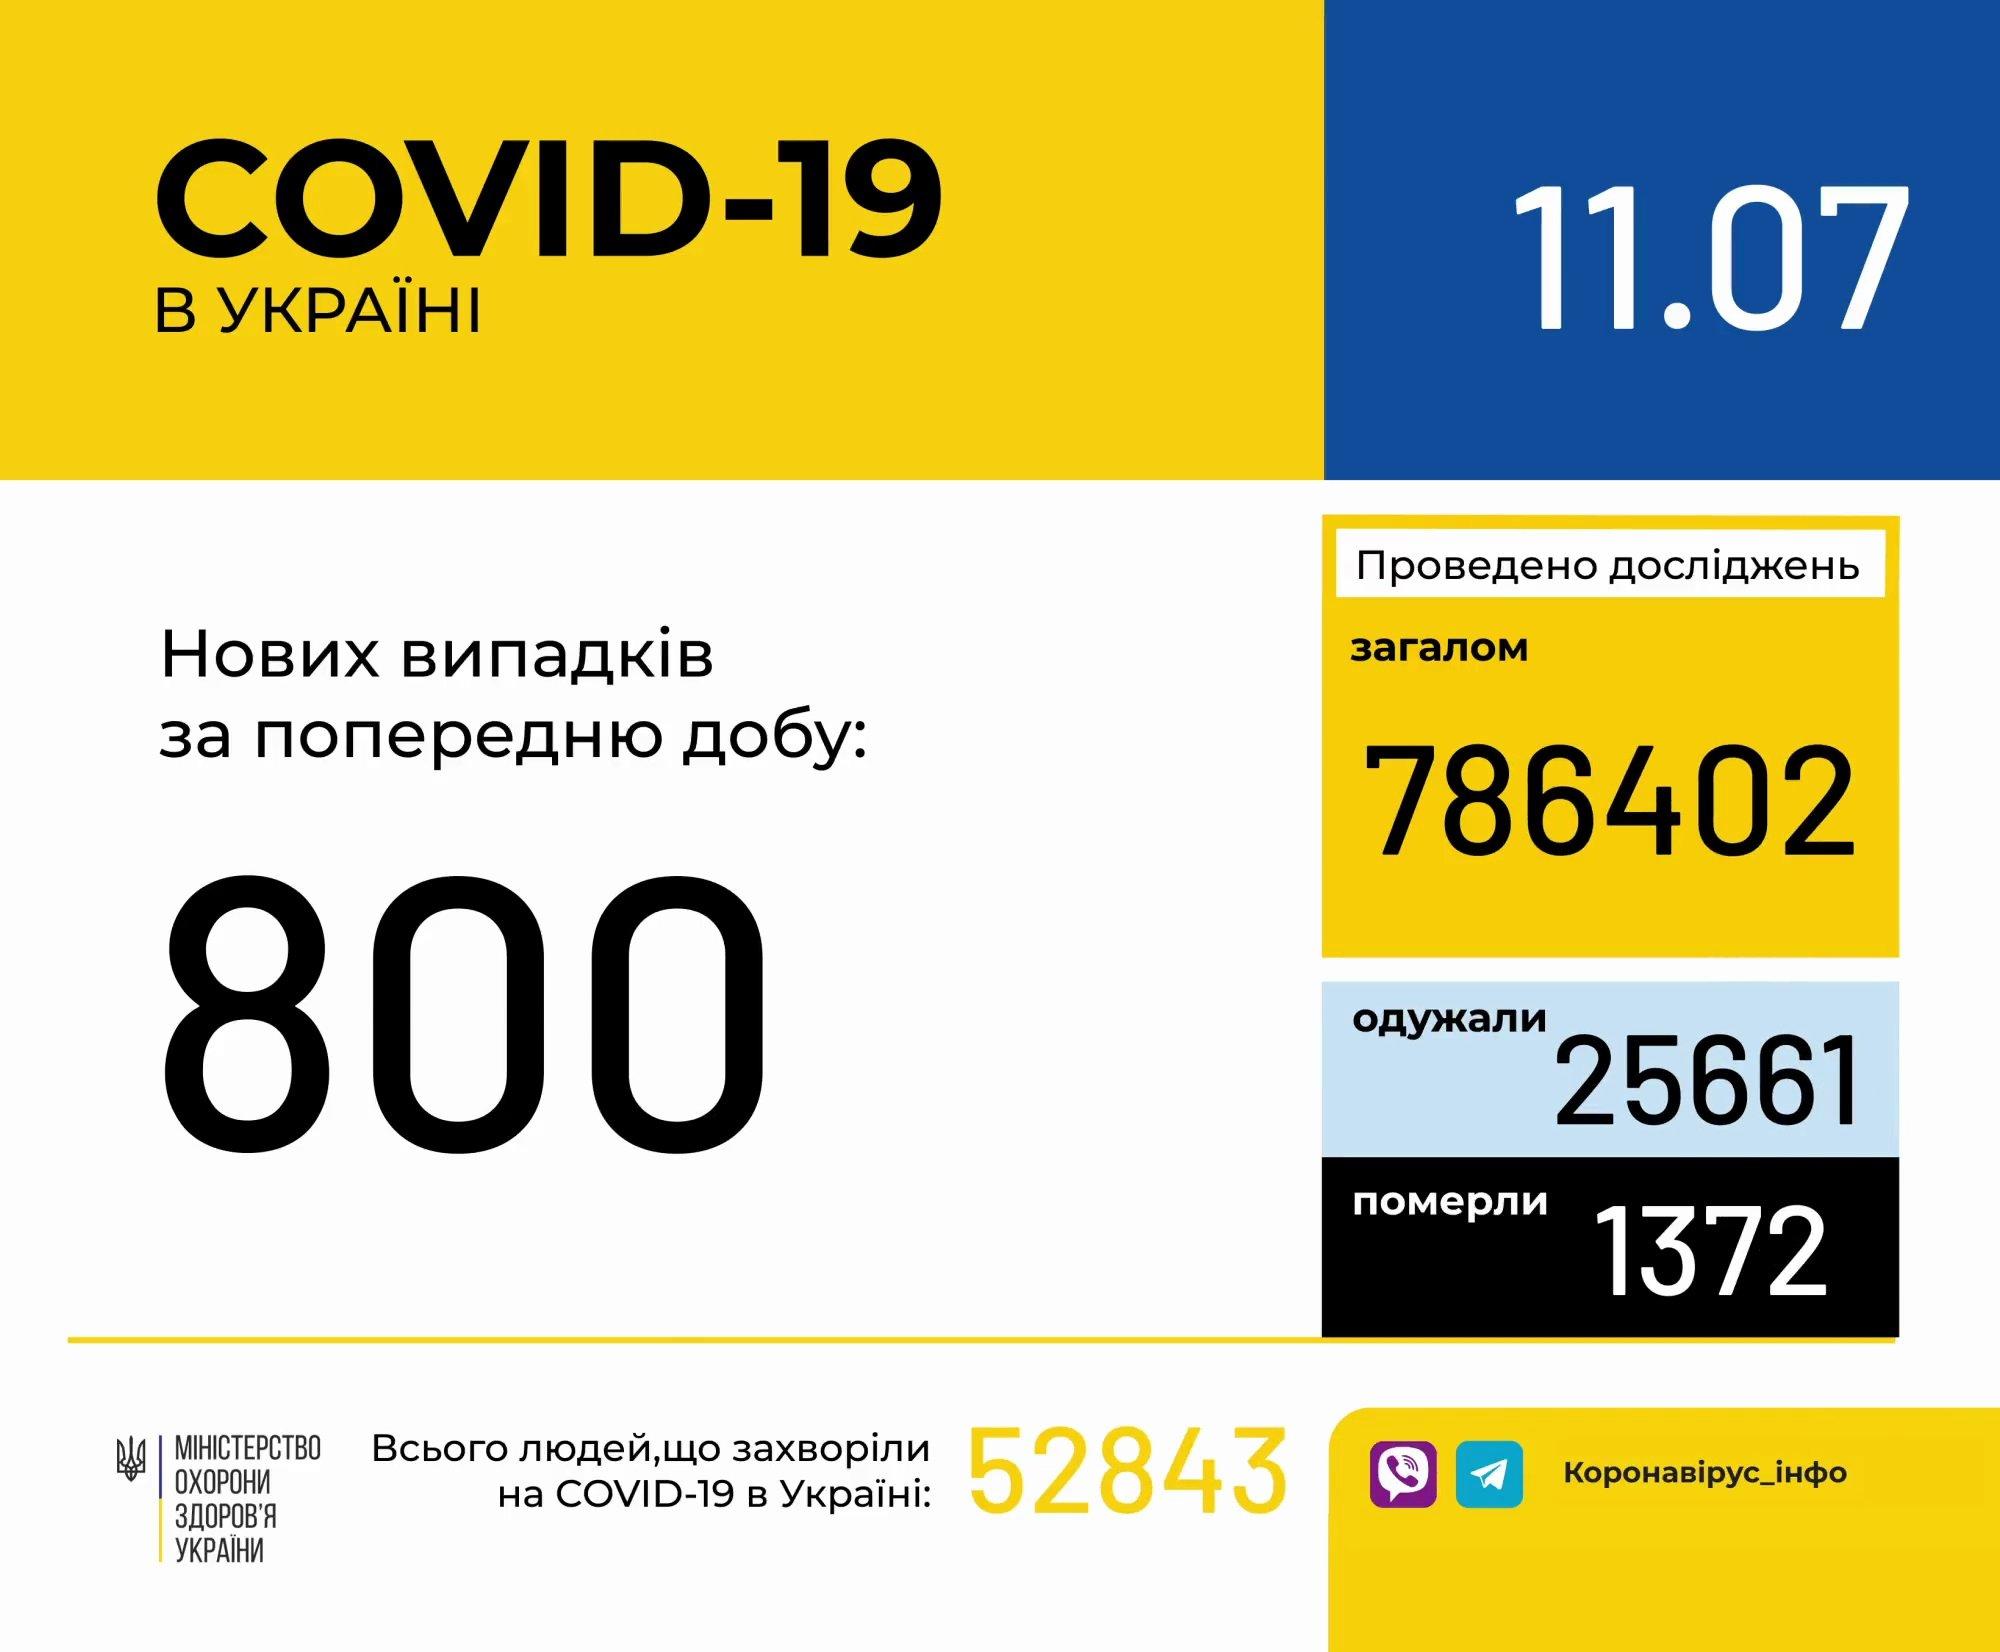 Коронавірус в Україні знову пішов на спад: оновлена статистика МОЗ